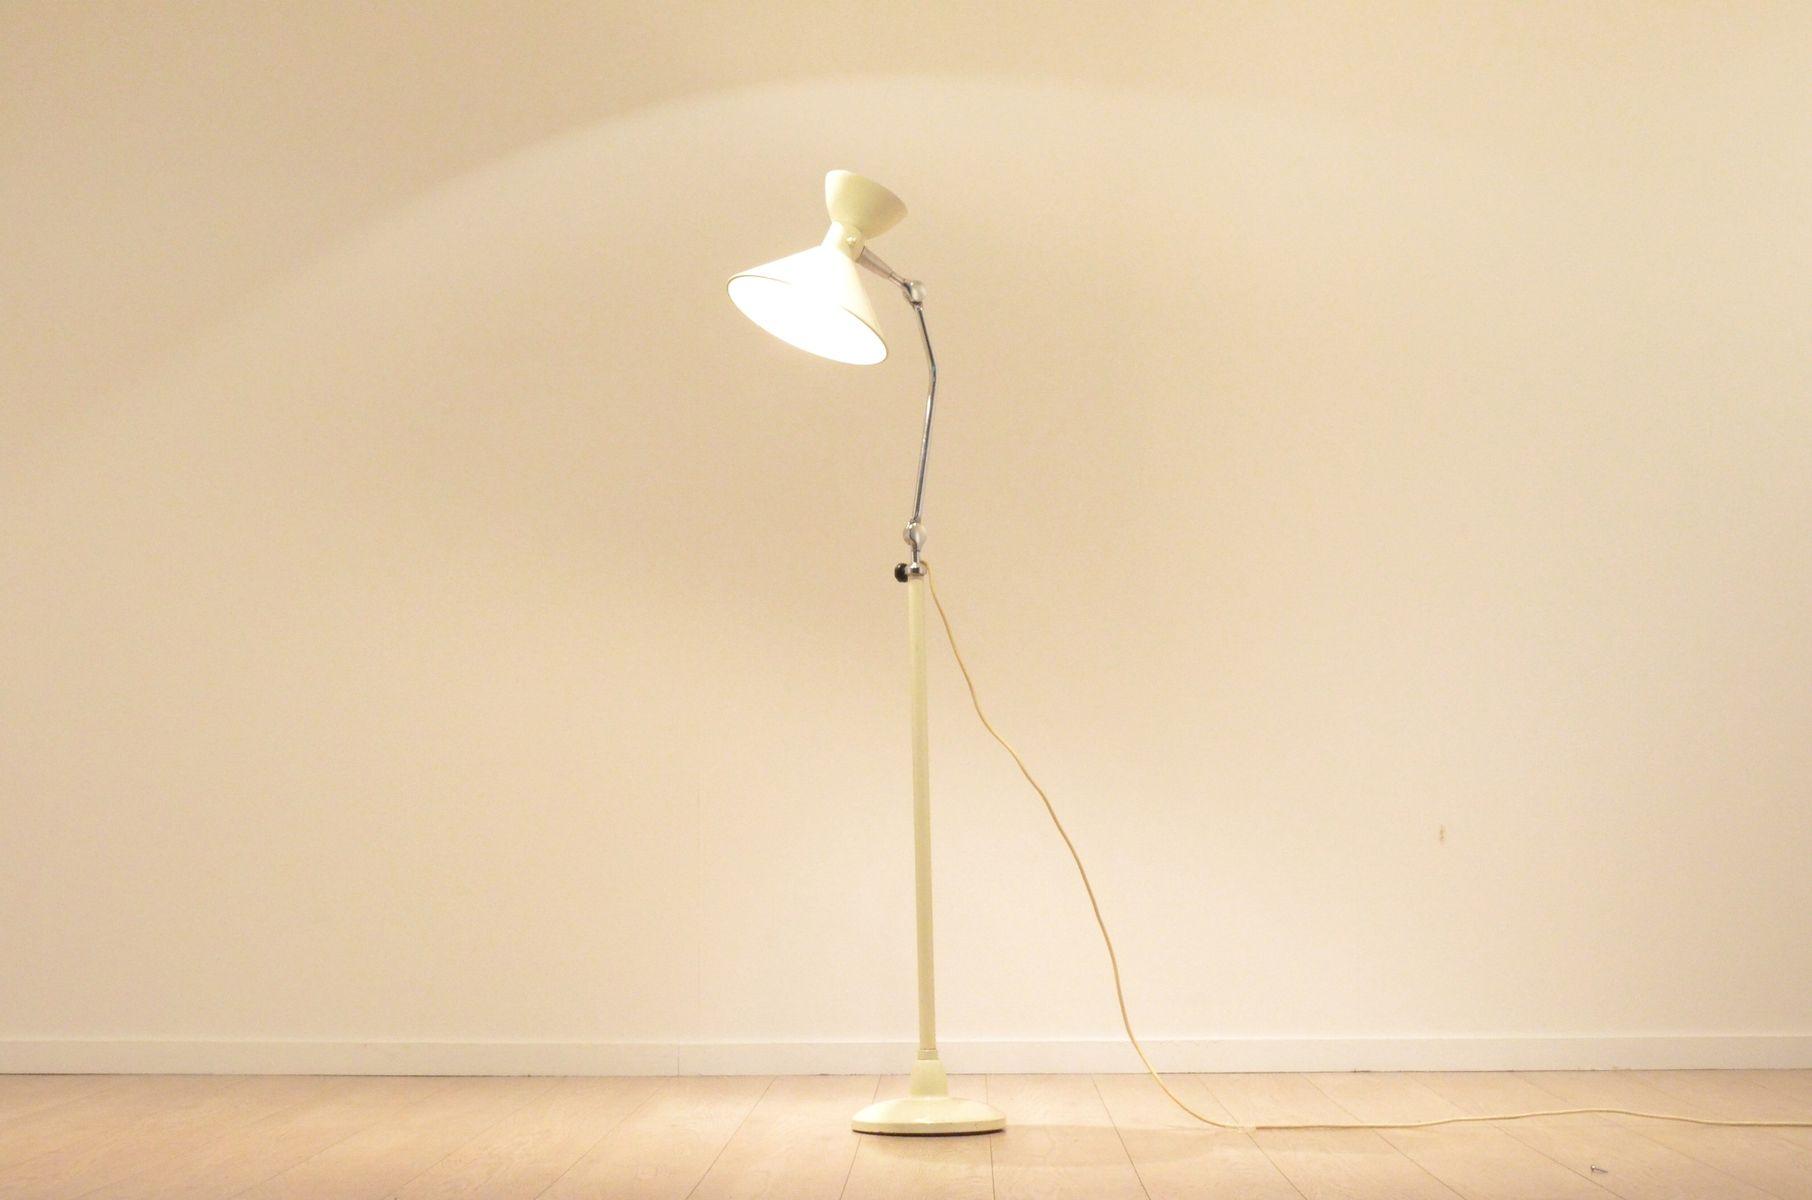 franz sische wei e mid century diabolo stehlampe von jumo. Black Bedroom Furniture Sets. Home Design Ideas